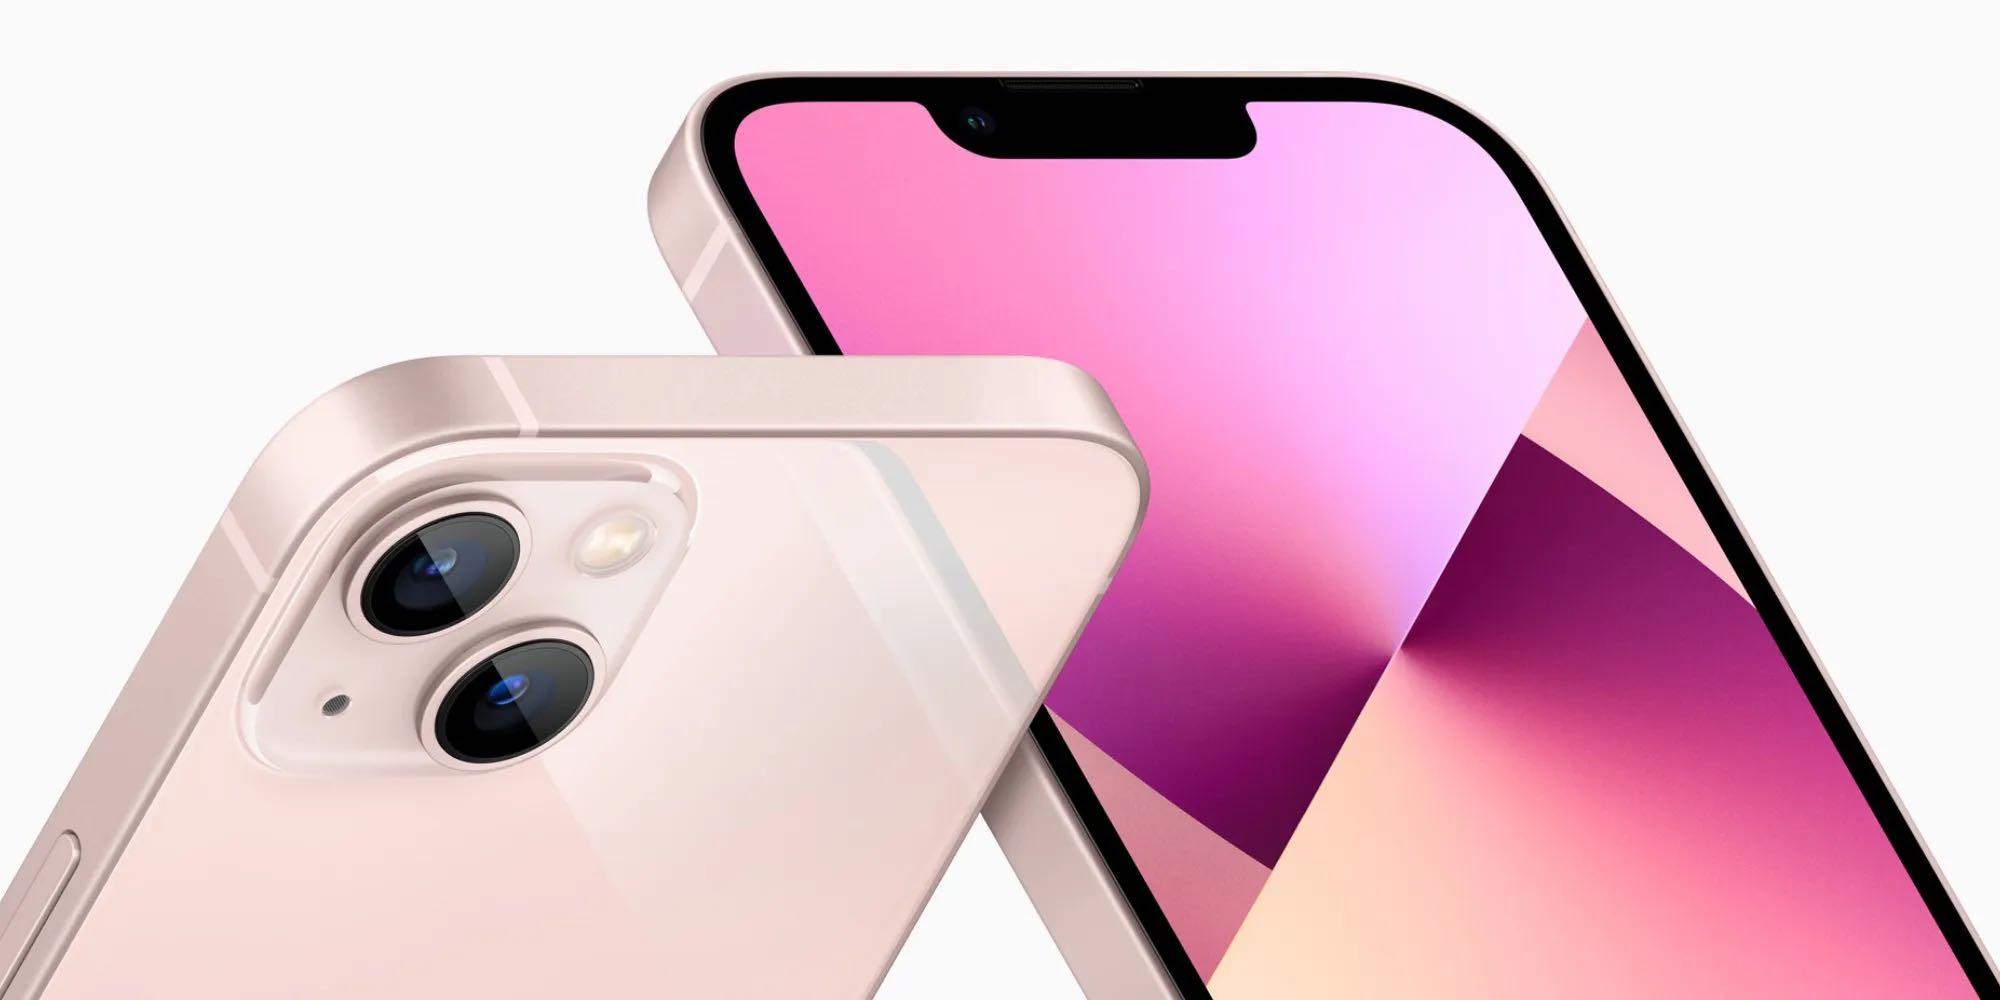 iPhone 13 (не Pro) обошел iPhone 12 Pro в тесте камер DXOMark